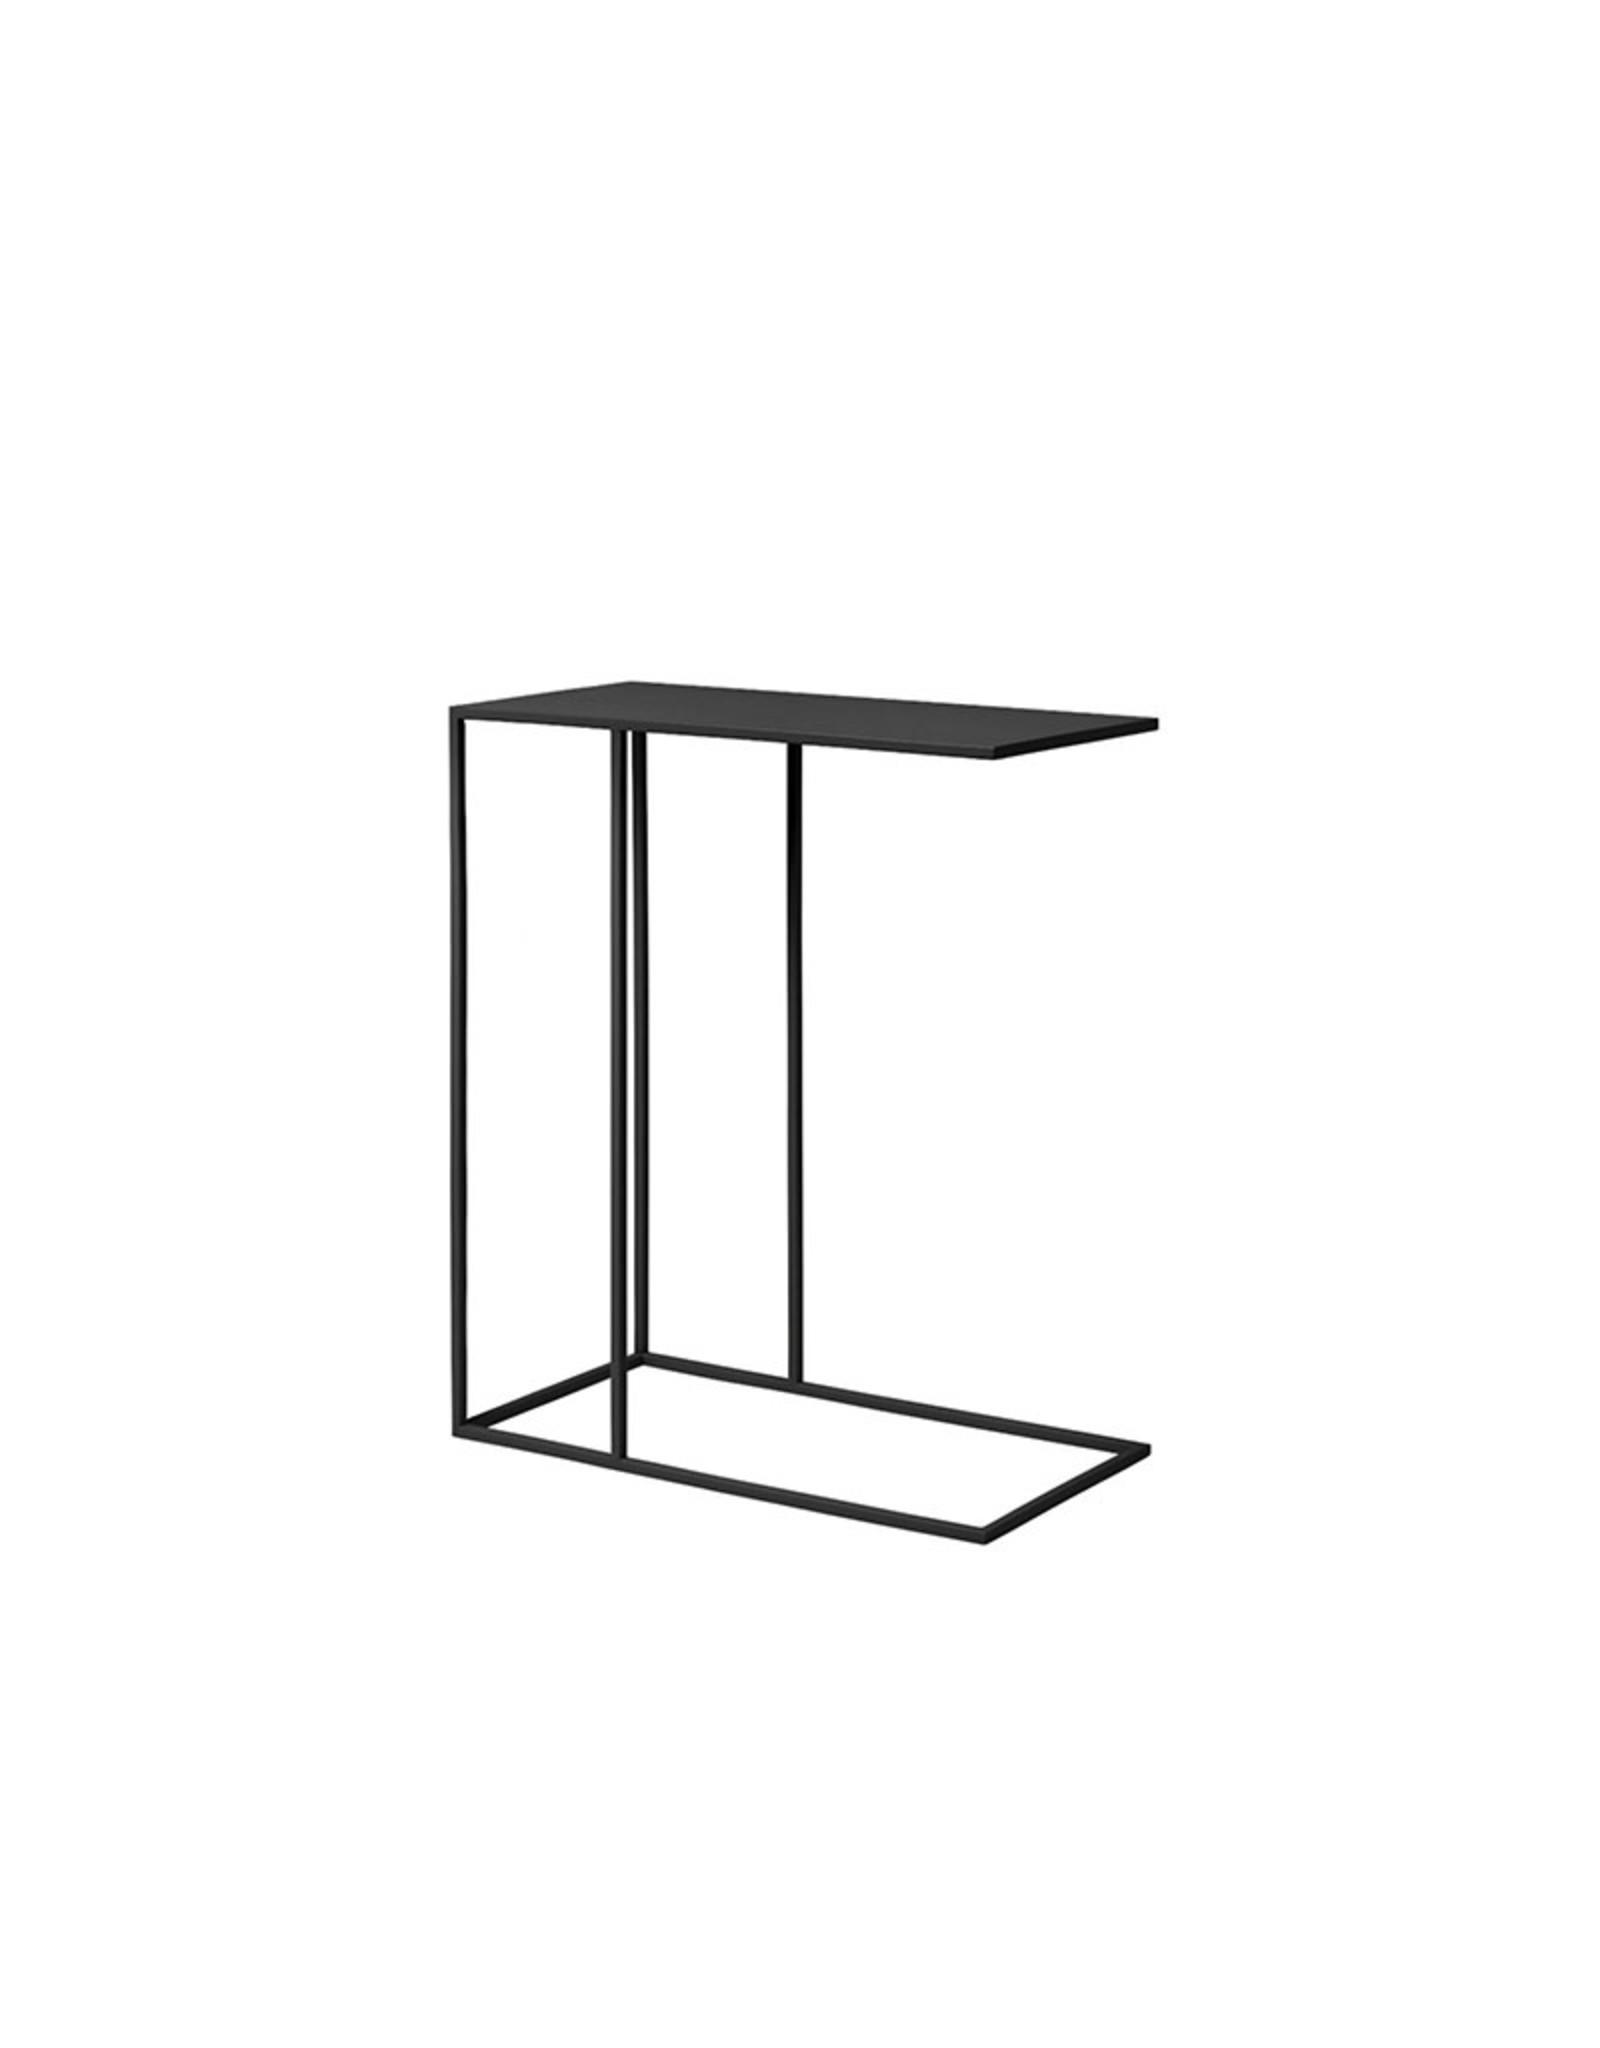 BLOMUS BLOMUS Fera Side Table Black